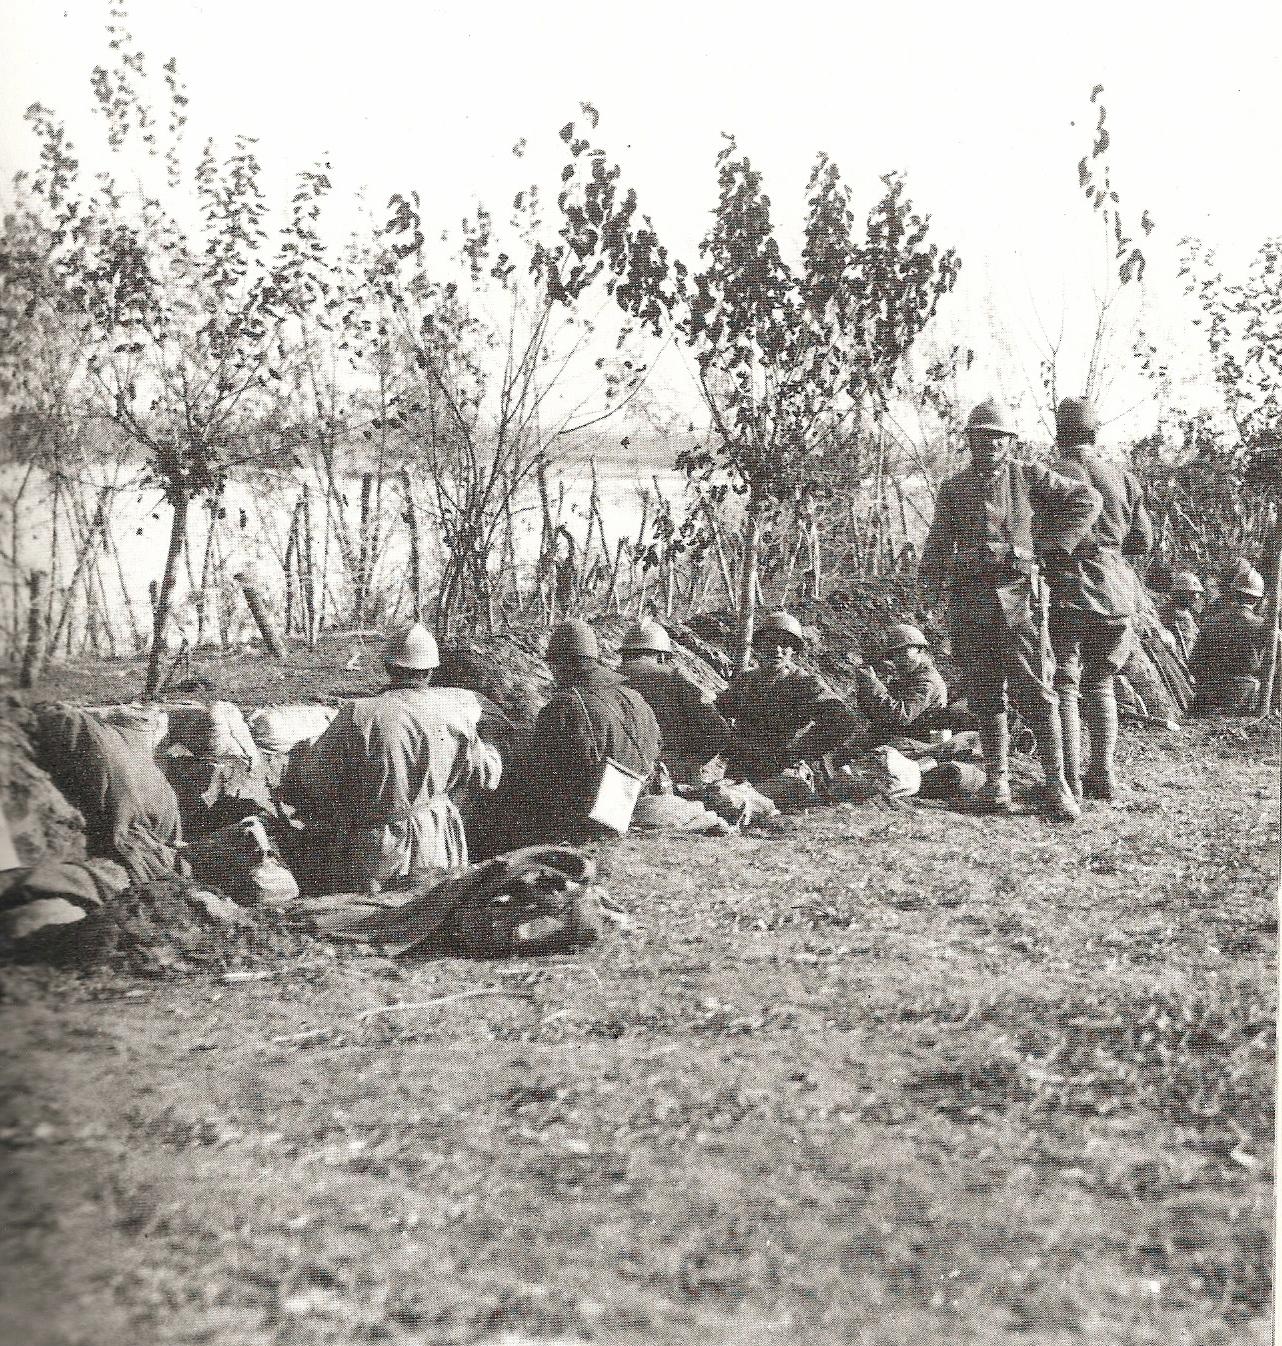 Una delle prime trincee scavate nell'argine destro del Piave nell'ottobre - novembre 1917